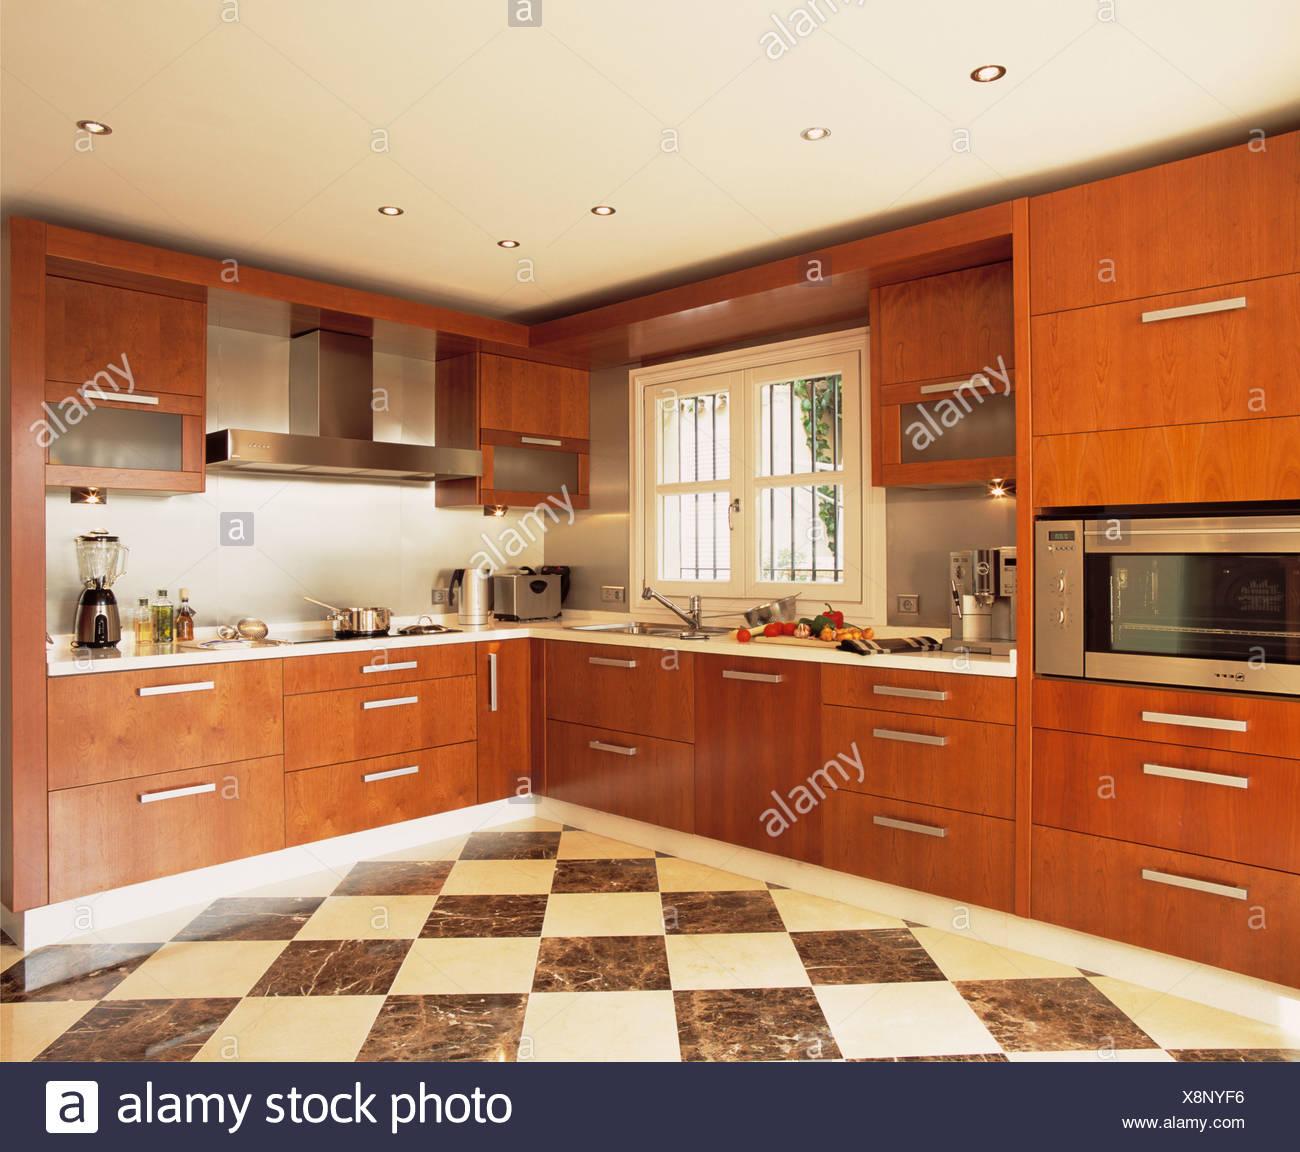 Bianco e nero chequerboard pavimentazione in cucina moderna con ...